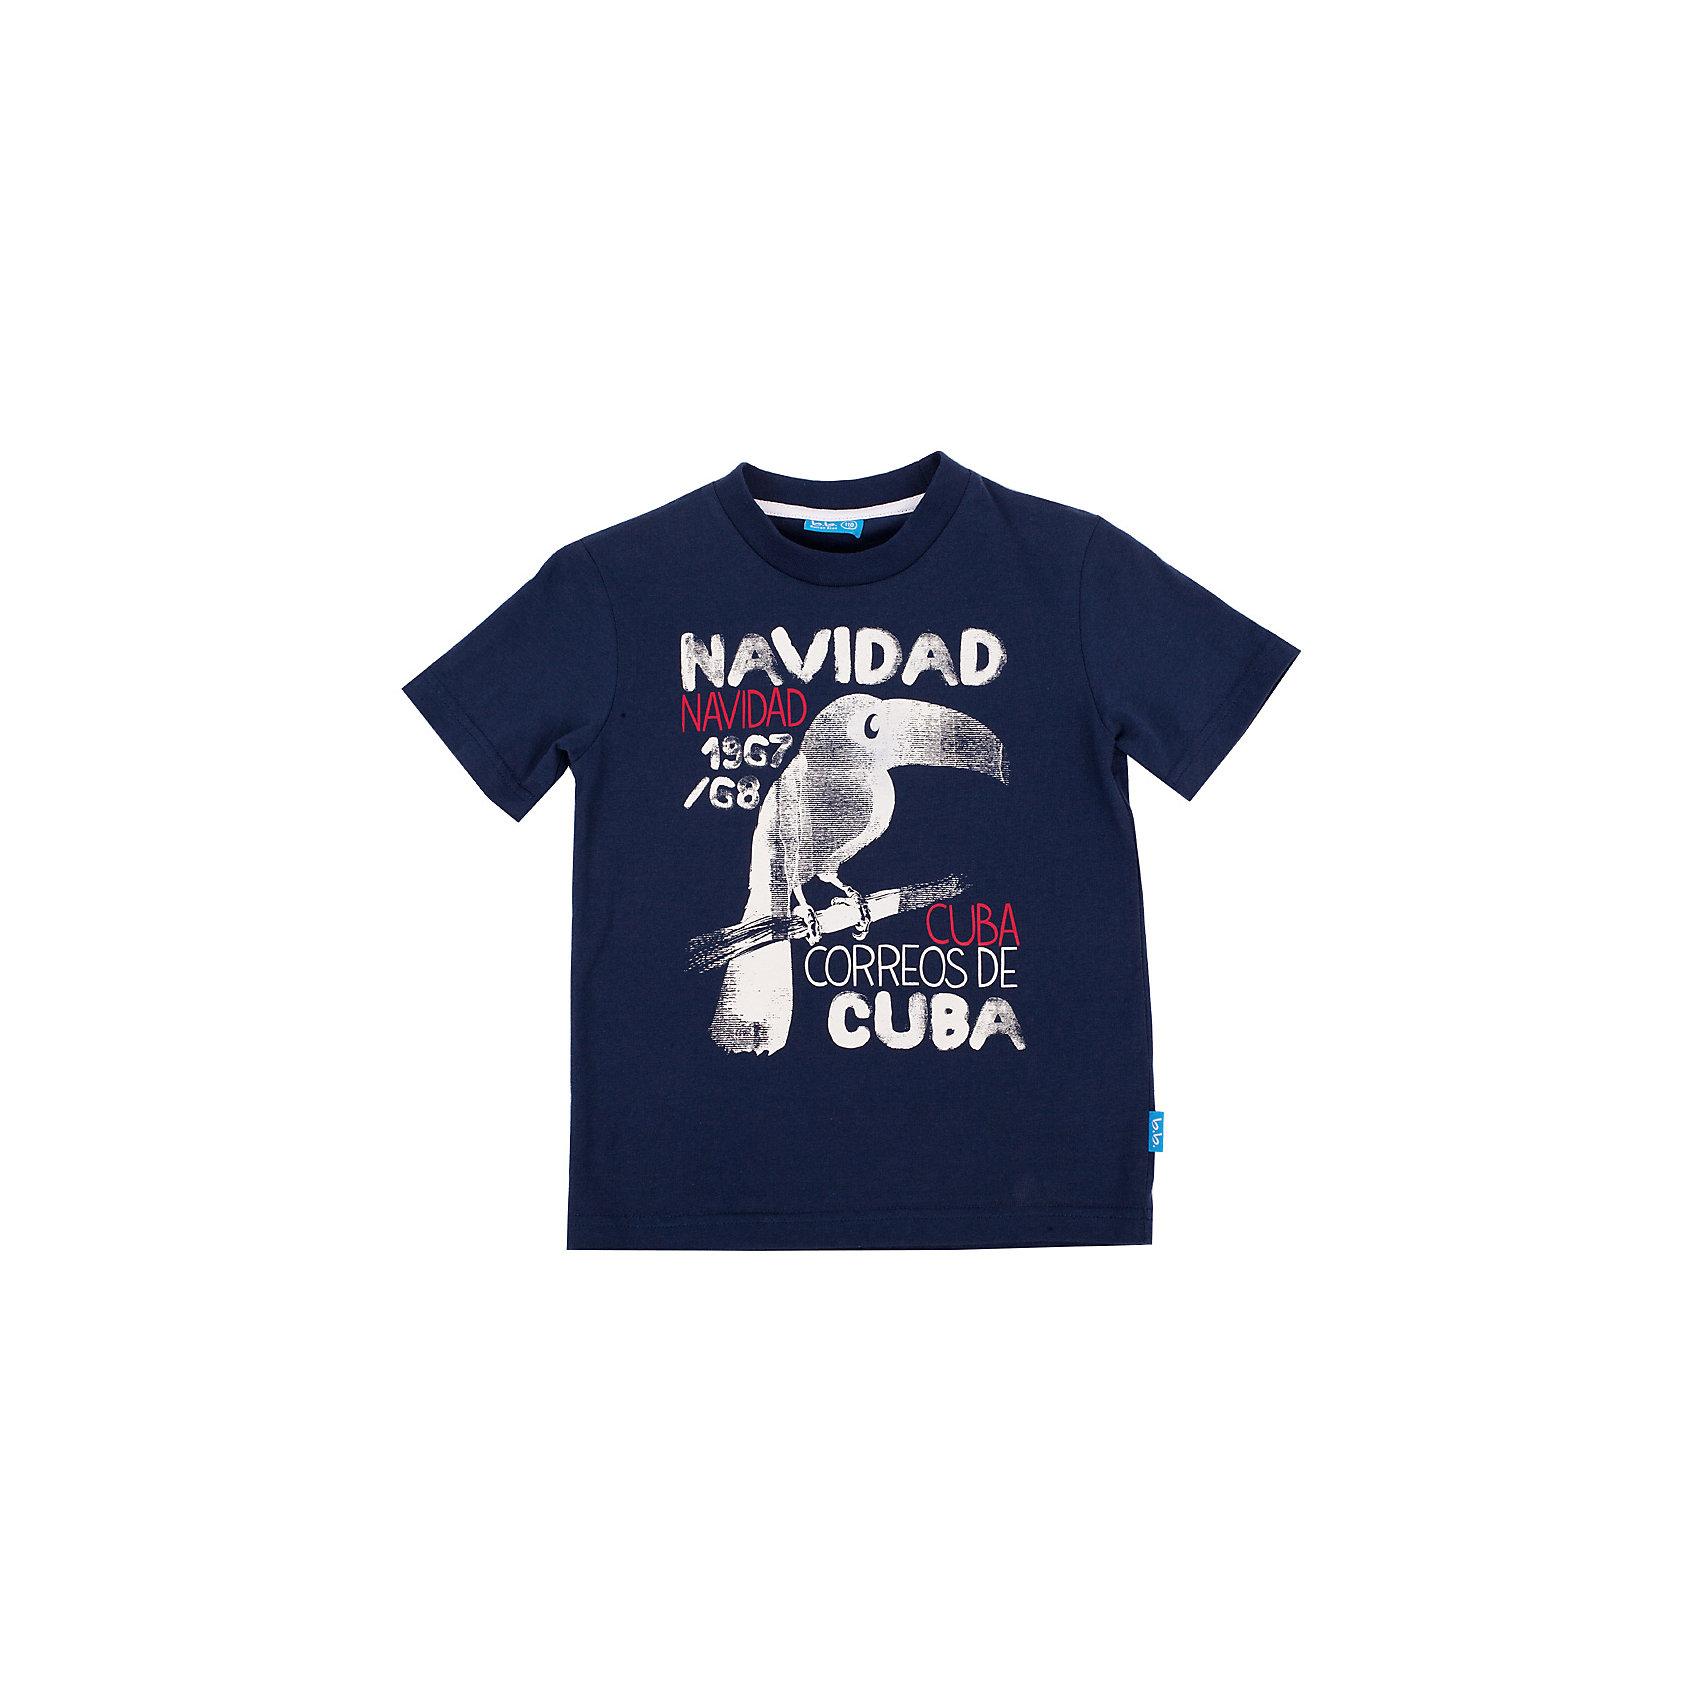 Футболка для мальчика Button BlueСиняя футболка с ярким принтом - не просто базовая вещь в гардеробе ребенка, а залог хорошего летнего настроения! Отличное качество и доступная цена прилагаются. Если вы решили купить недорогую футболку для мальчика, выберете модель футболки с оригинальным принтом, и ваш ребенок будет доволен!<br>Состав:<br>100% хлопок<br><br>Ширина мм: 199<br>Глубина мм: 10<br>Высота мм: 161<br>Вес г: 151<br>Цвет: синий<br>Возраст от месяцев: 60<br>Возраст до месяцев: 72<br>Пол: Мужской<br>Возраст: Детский<br>Размер: 116,122,110,128,104,98<br>SKU: 4510143